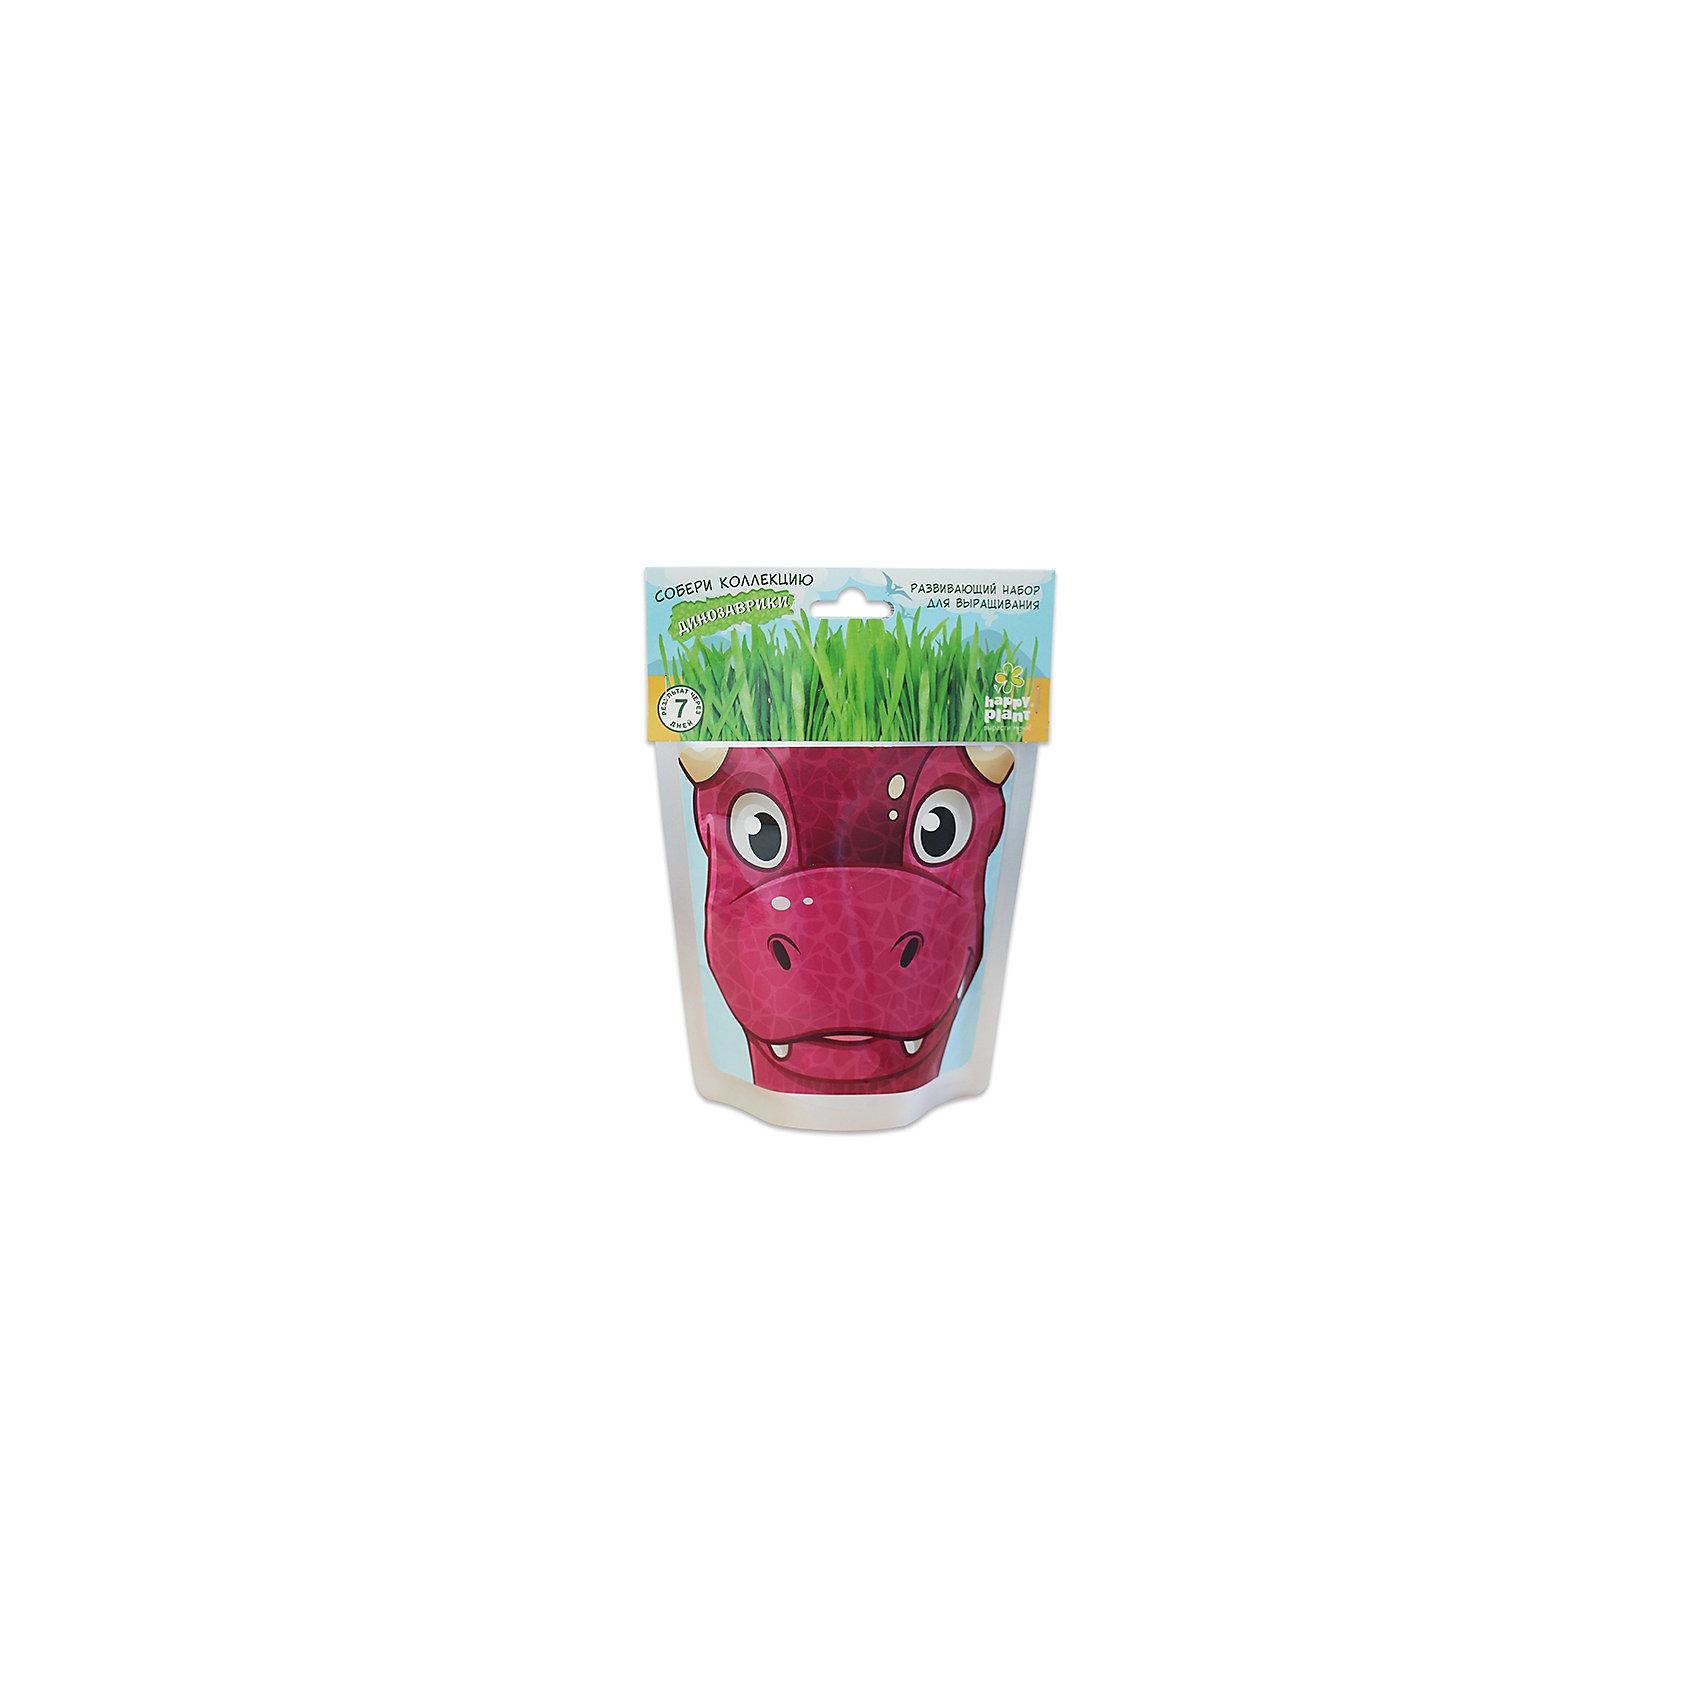 Набор для выращивания Динозаврик - Карни Happy PlantHappy Plant Динозаврик Карни.<br><br>Характеристики:<br><br>• научит ребенка выращивать растения и ухаживать за ними<br>• развивает фантазию <br>• яркий оригинальный дизайн<br>• качественные семена<br>• в комплекте: пакет-горшочек, органический субстрат для посадки, семена, лопатка, инструкция<br>• размер: 18х13 см<br>• объем: 500 мл<br>• Вес: 230 грамм<br><br>Веселый динозаврик Карни научит ребенка выращивать растения и ухаживать за ними. Волосы-травка получается очень густая. Благодаря этому вы сможете подстригать динозаврика и делать ему различные прически. Прекрасный подарок юным садоводам!<br><br>Happy Plant Динозаврик Карни, Вы можете купить в нашем интернет-магазине.<br><br>Ширина мм: 180<br>Глубина мм: 130<br>Высота мм: 80<br>Вес г: 230<br>Возраст от месяцев: 168<br>Возраст до месяцев: 240<br>Пол: Унисекс<br>Возраст: Детский<br>SKU: 5053998